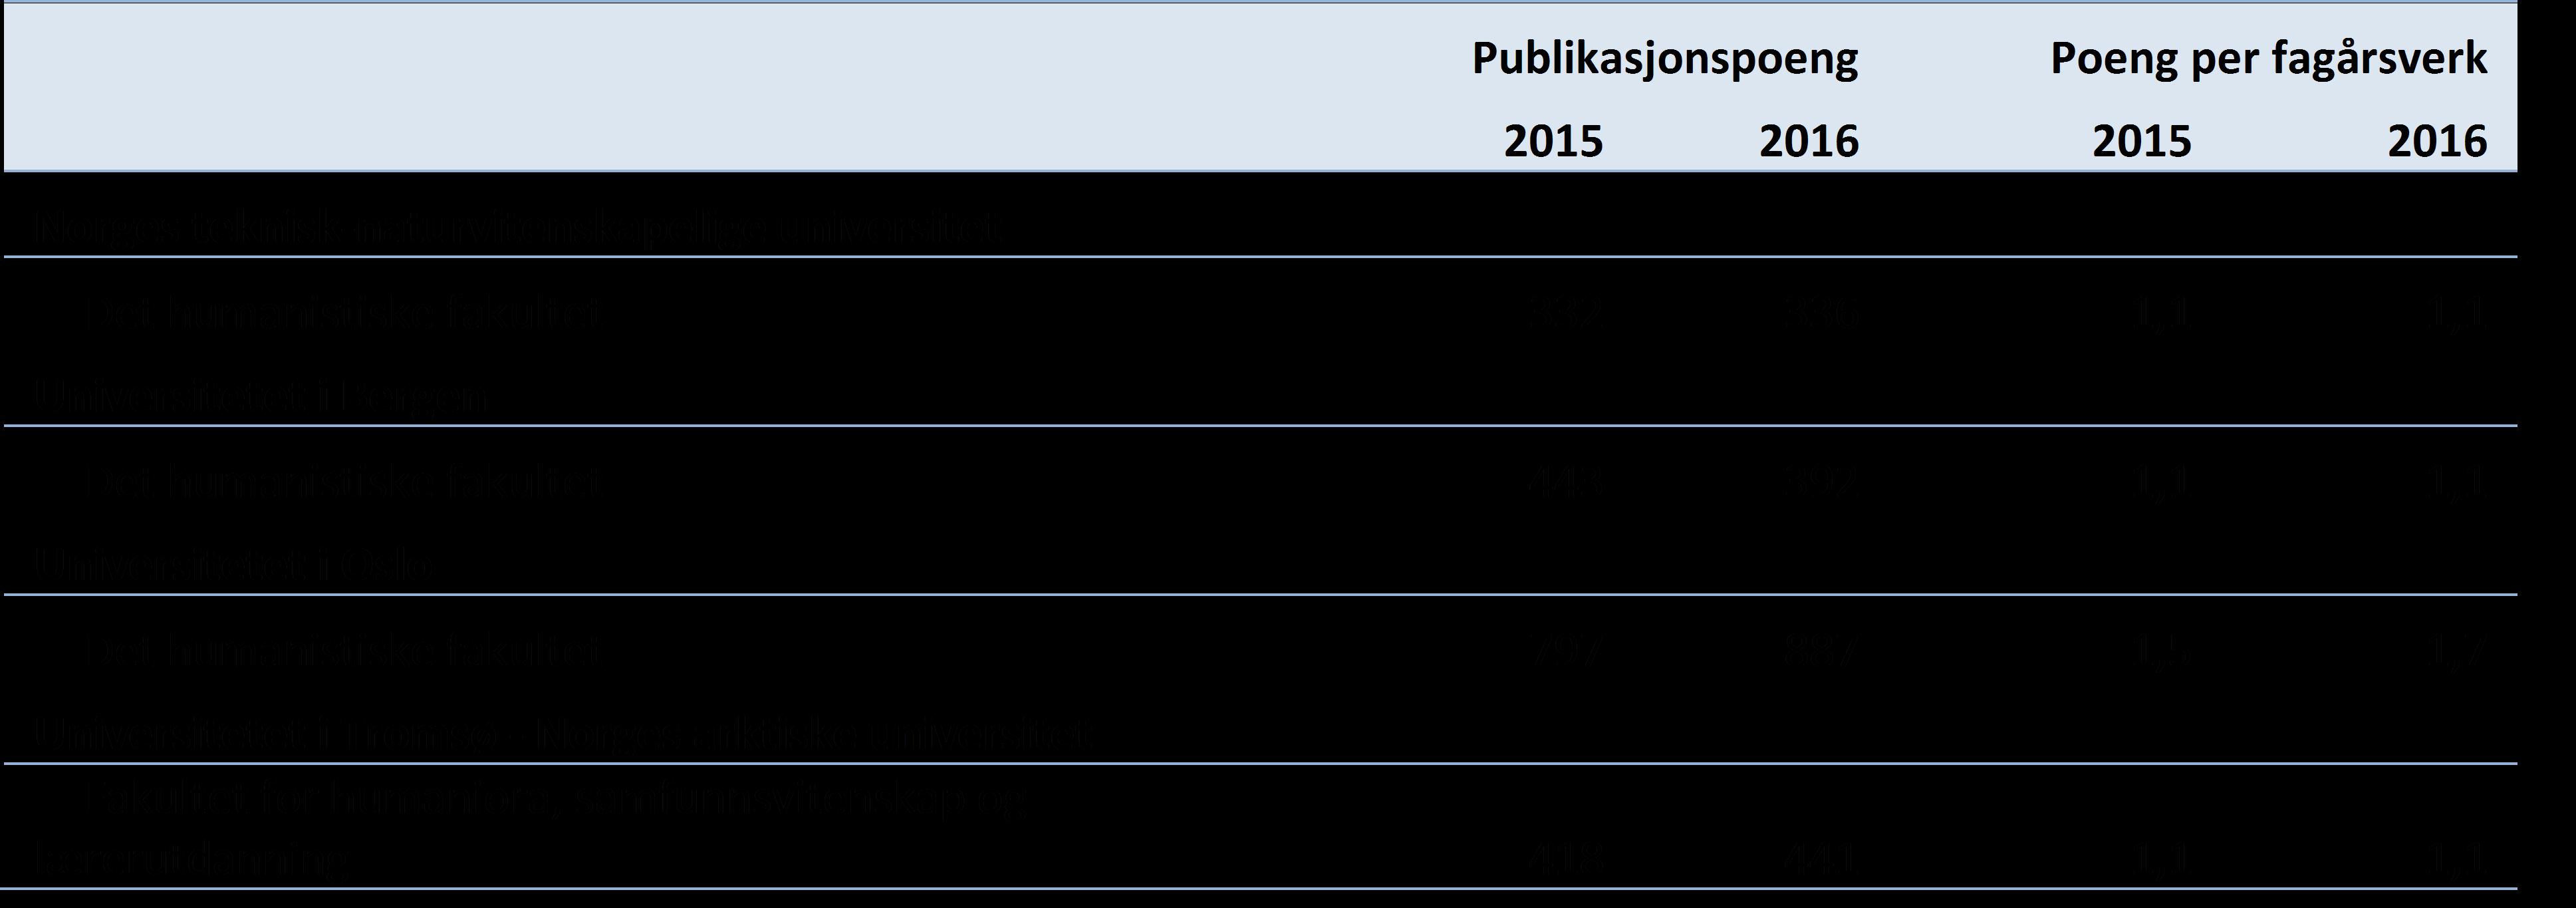 Tabell 2 Hovedindikatorer innen humanistiske fag ved utvalgte fakultet (DBH).